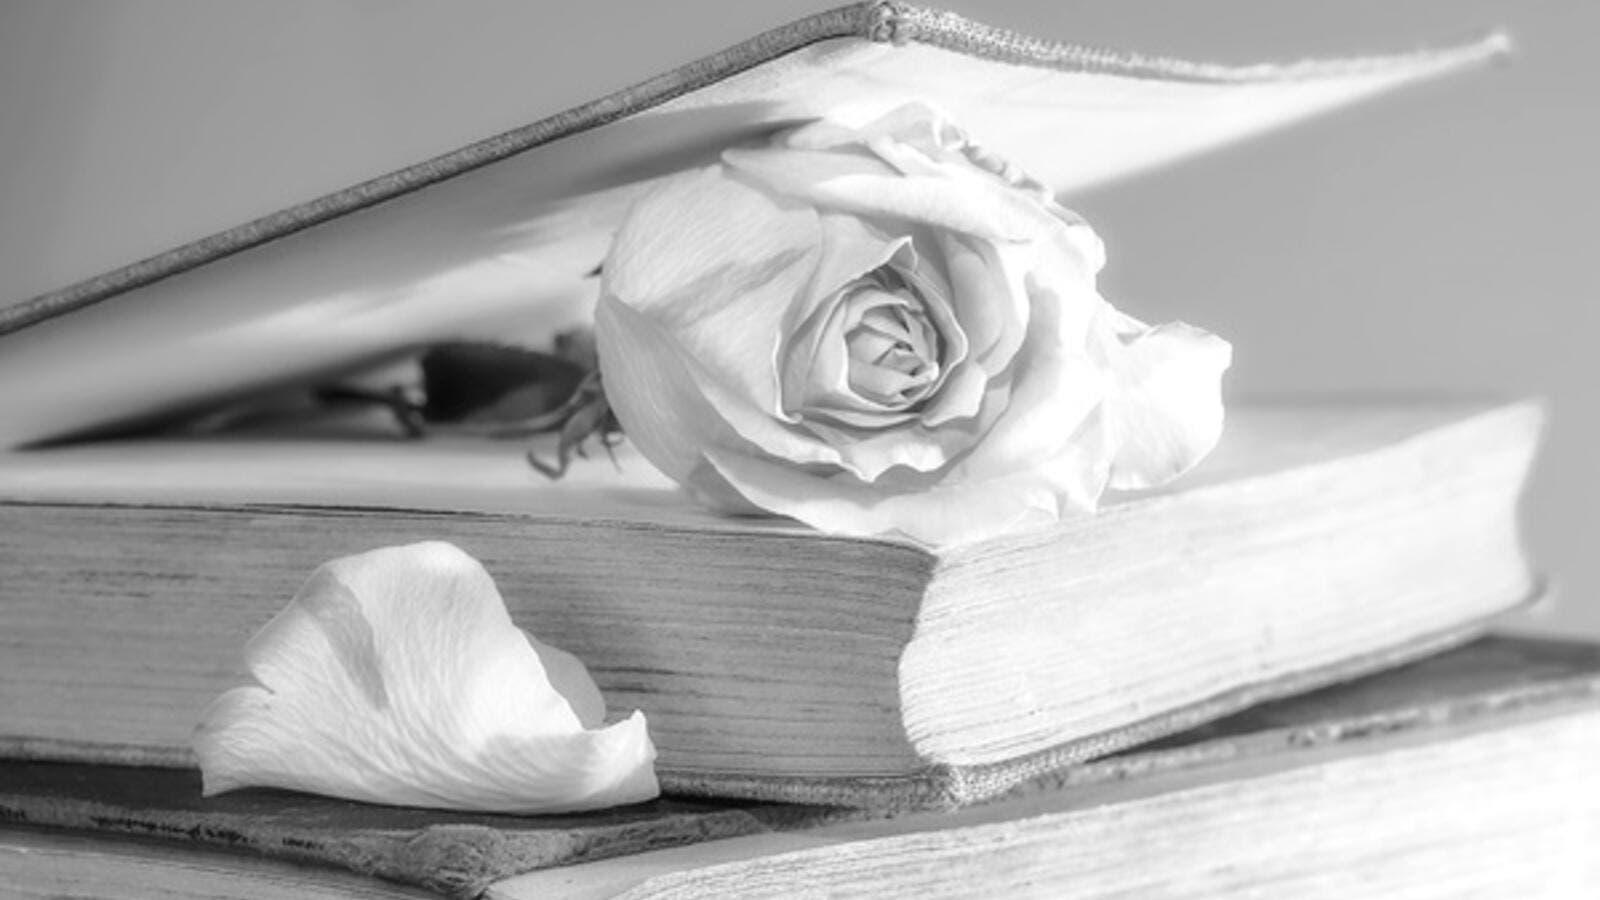 ما تفسير رؤية الورود في المنام البوابة